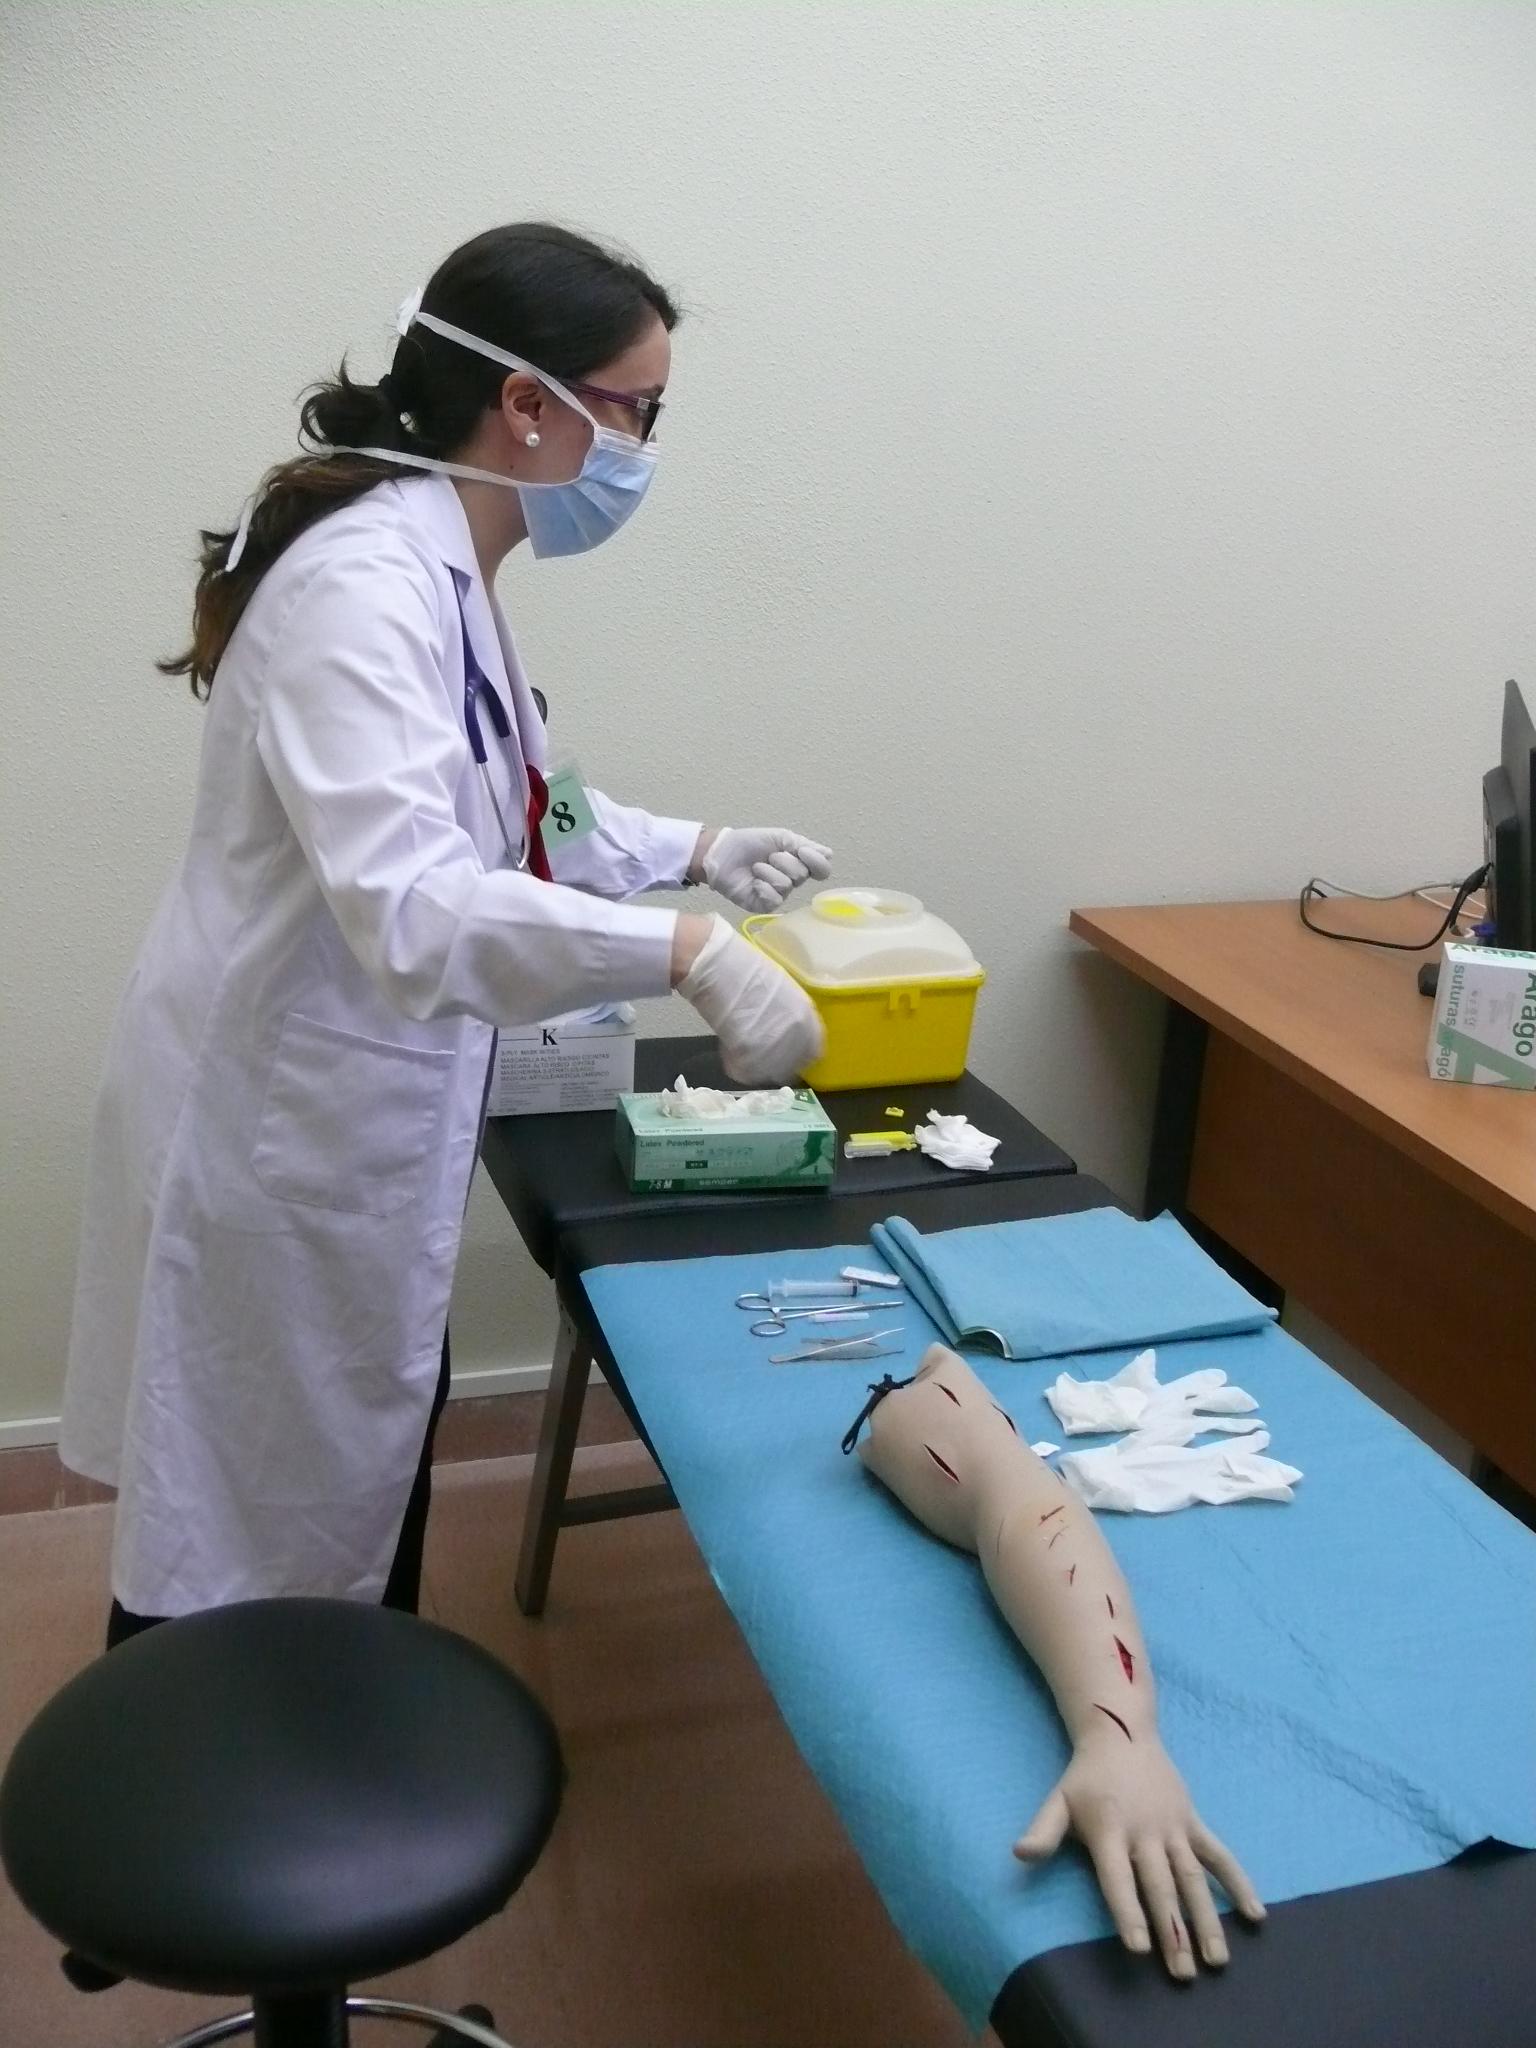 La Facultad de Medicina pone en marcha una novedosa iniciativa para evaluar las competencias clínicas de sus estudiantes